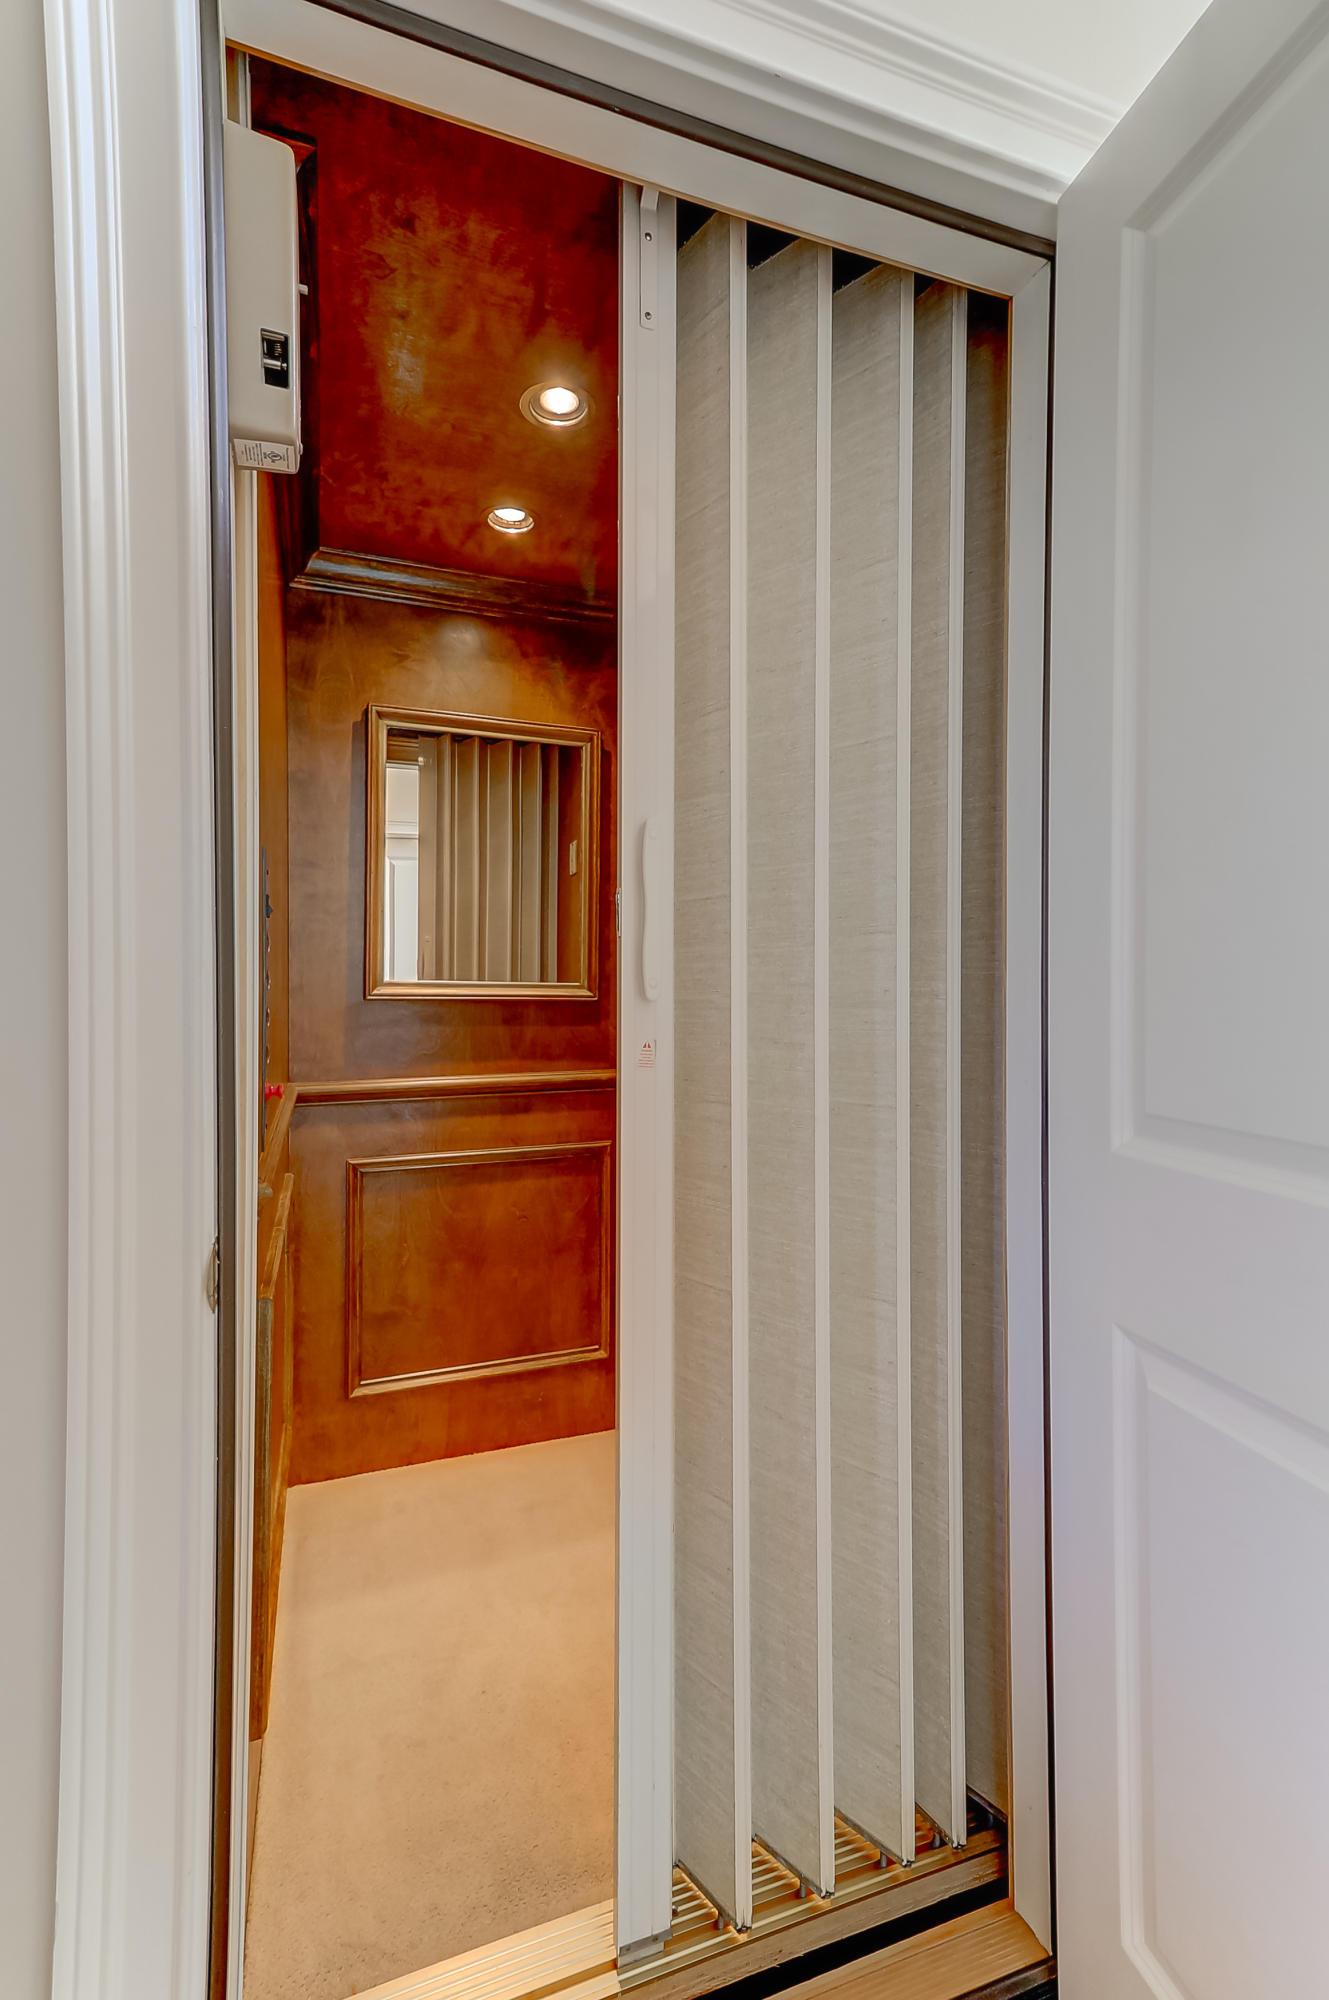 Dunes West Homes For Sale - 2781 Oak Manor, Mount Pleasant, SC - 26